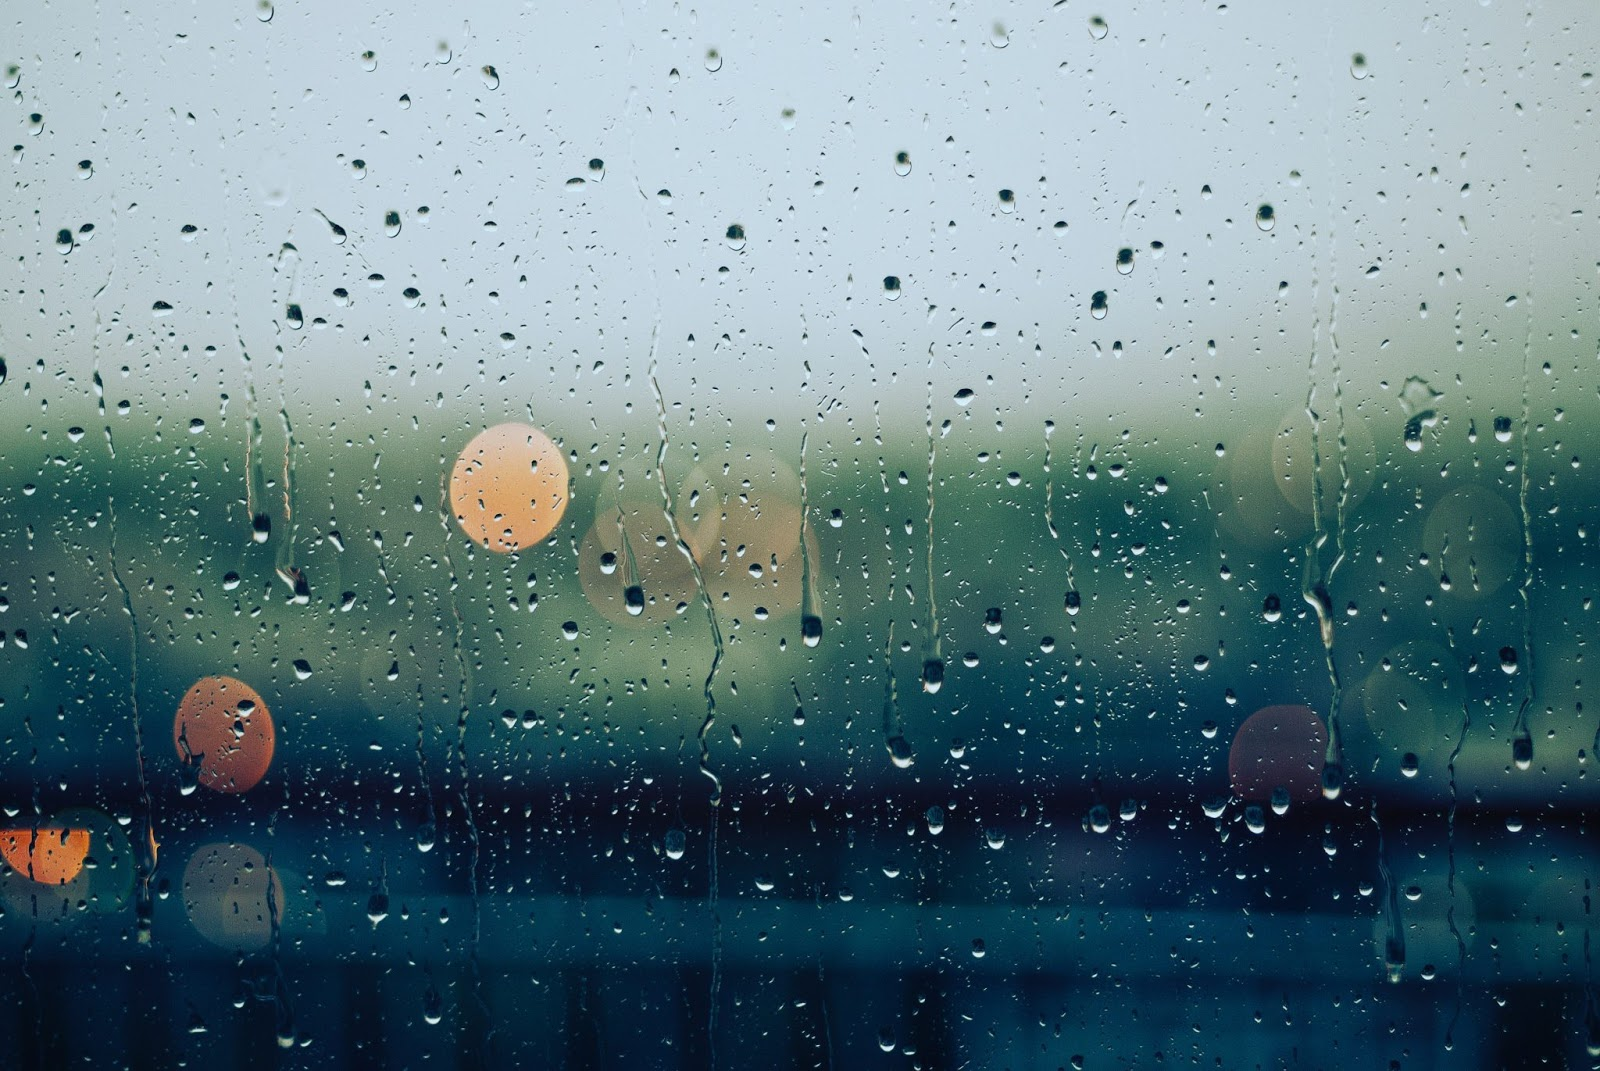 Hình nền những giọt nước mưa qua khung cửa kính mờ đẹp